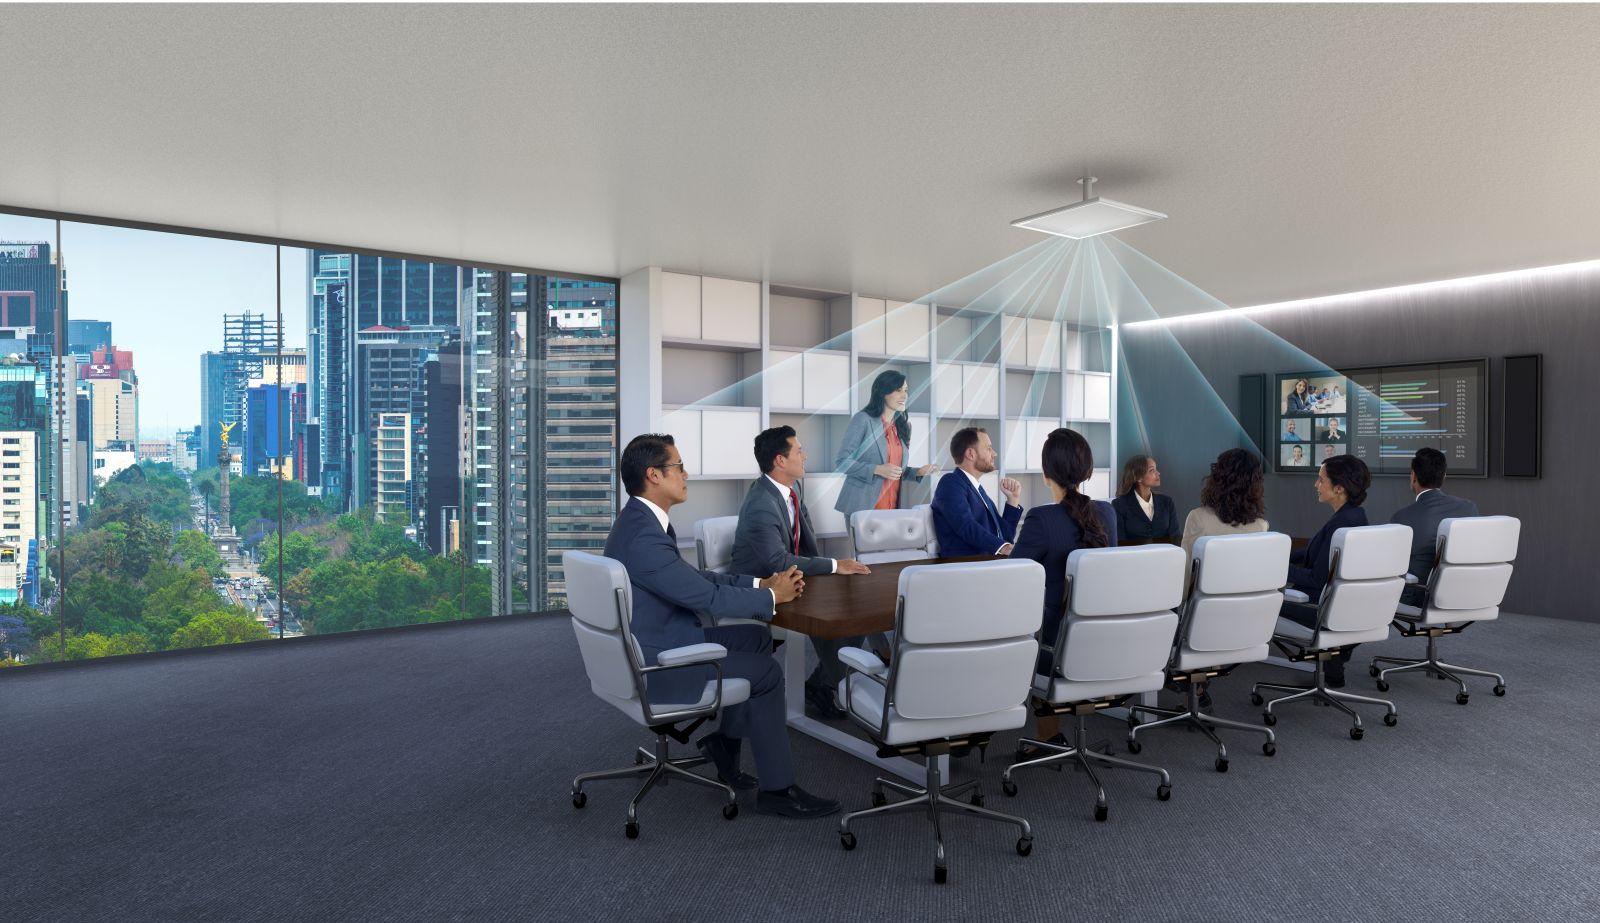 MXA910 Captures Audio in Boardroom Meeting